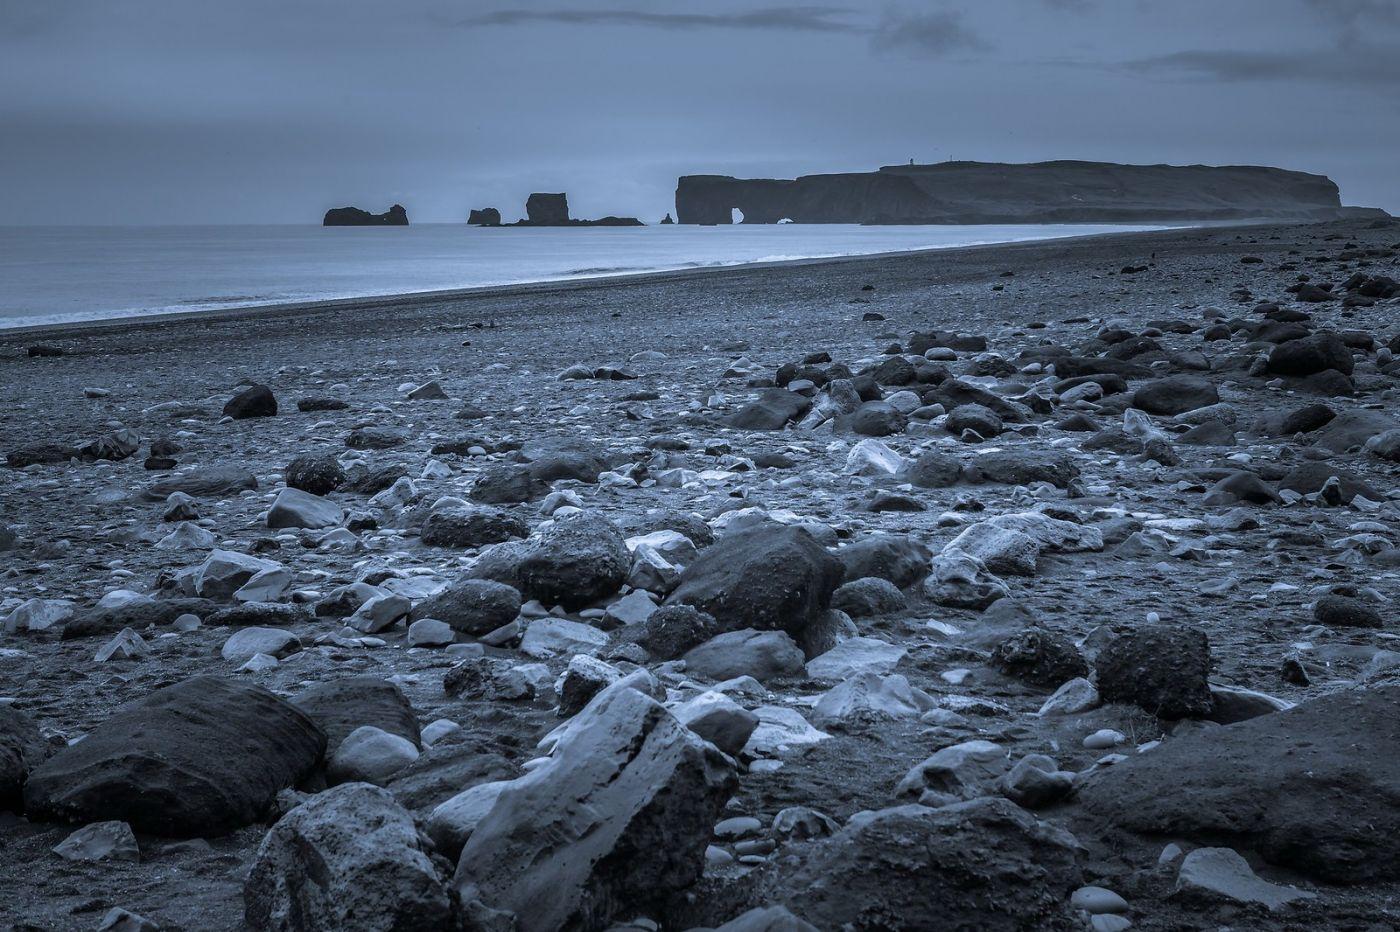 冰岛雷尼斯法加拉黑沙滩(Reynisfjara Black Sand Beach)_图1-30